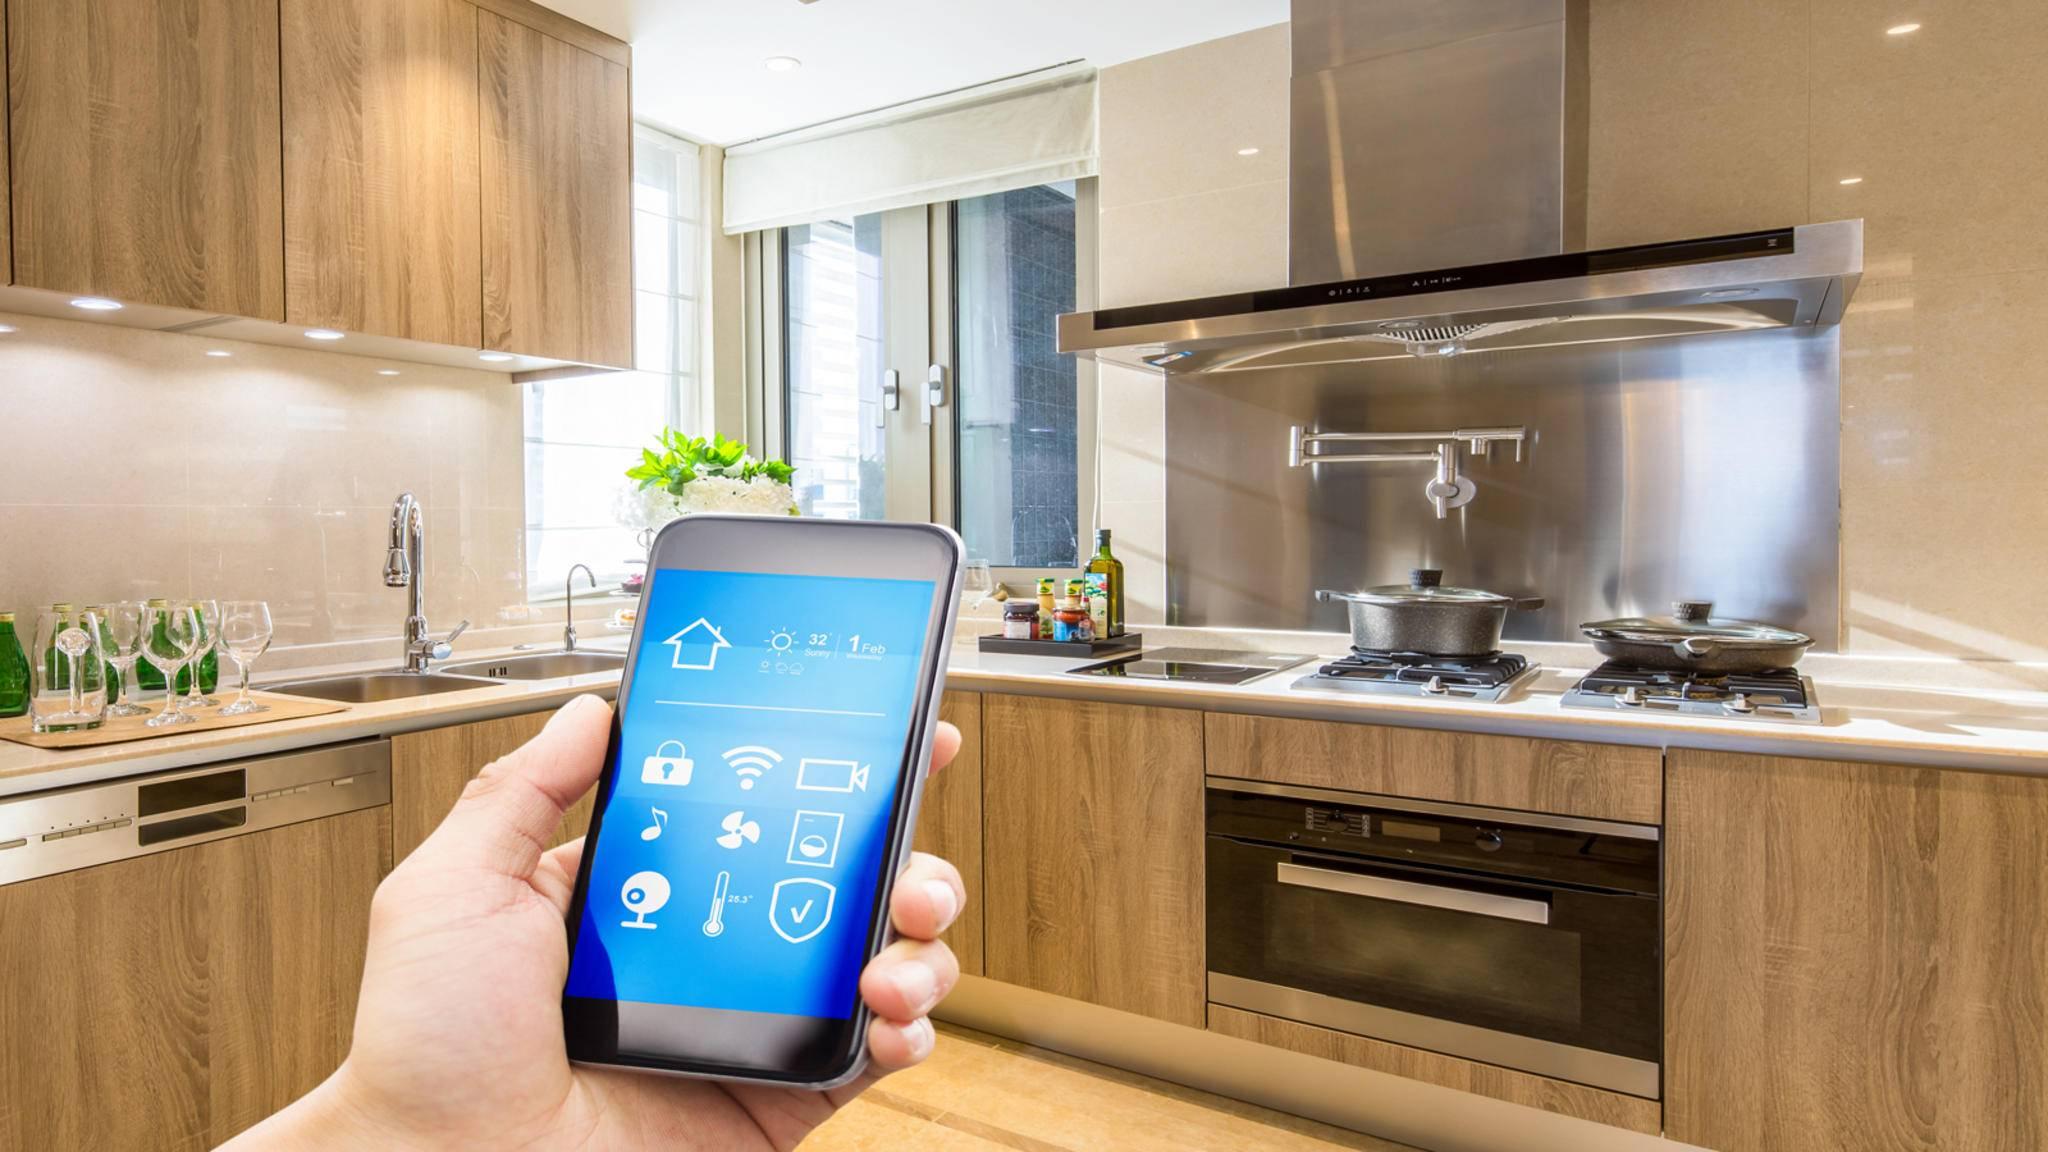 Bald schon kontrolliert eine App von Rezepte-Start-up SideChef Deine Sharp-Küchengeräte.